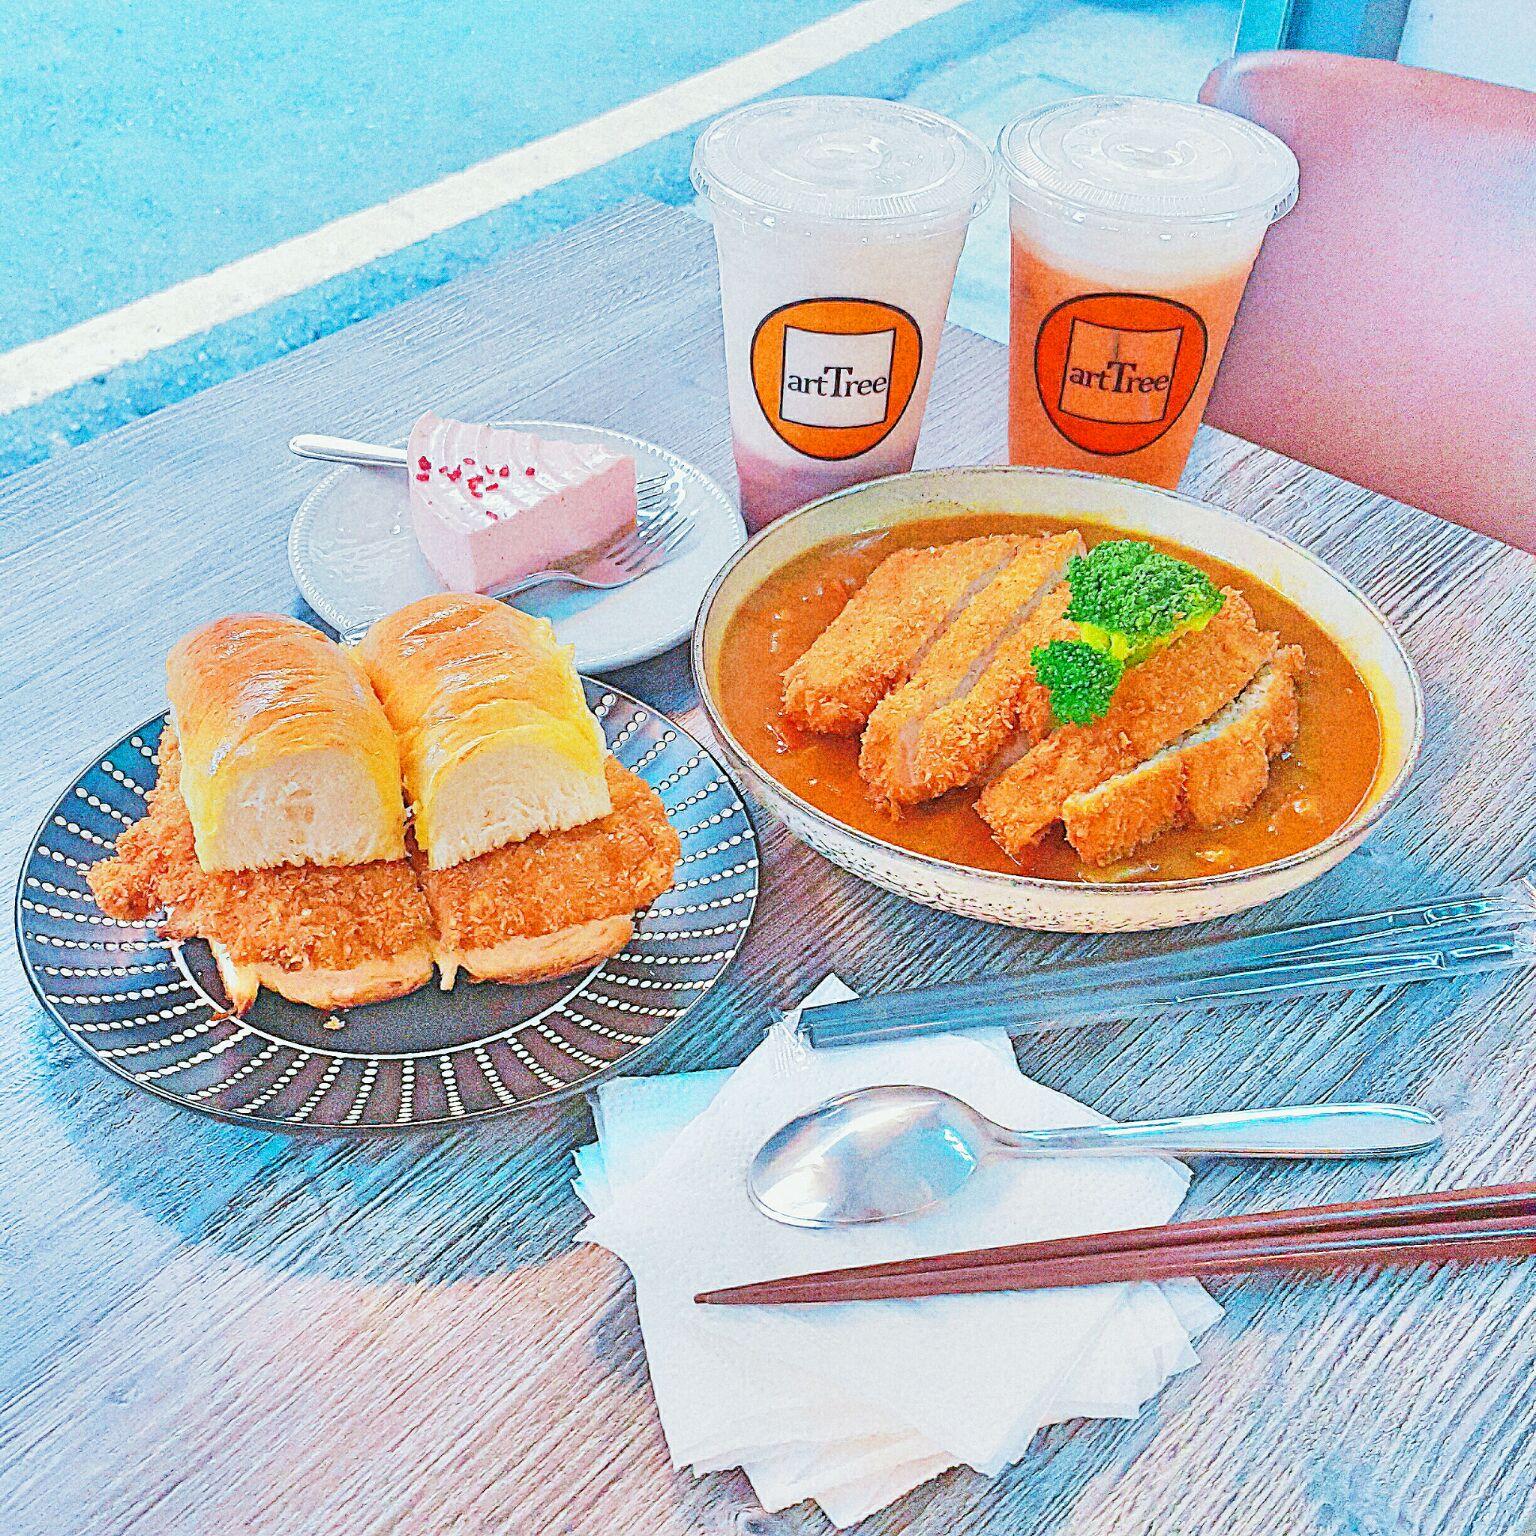 新竹必吃-藝樹 arttree cafe&bar